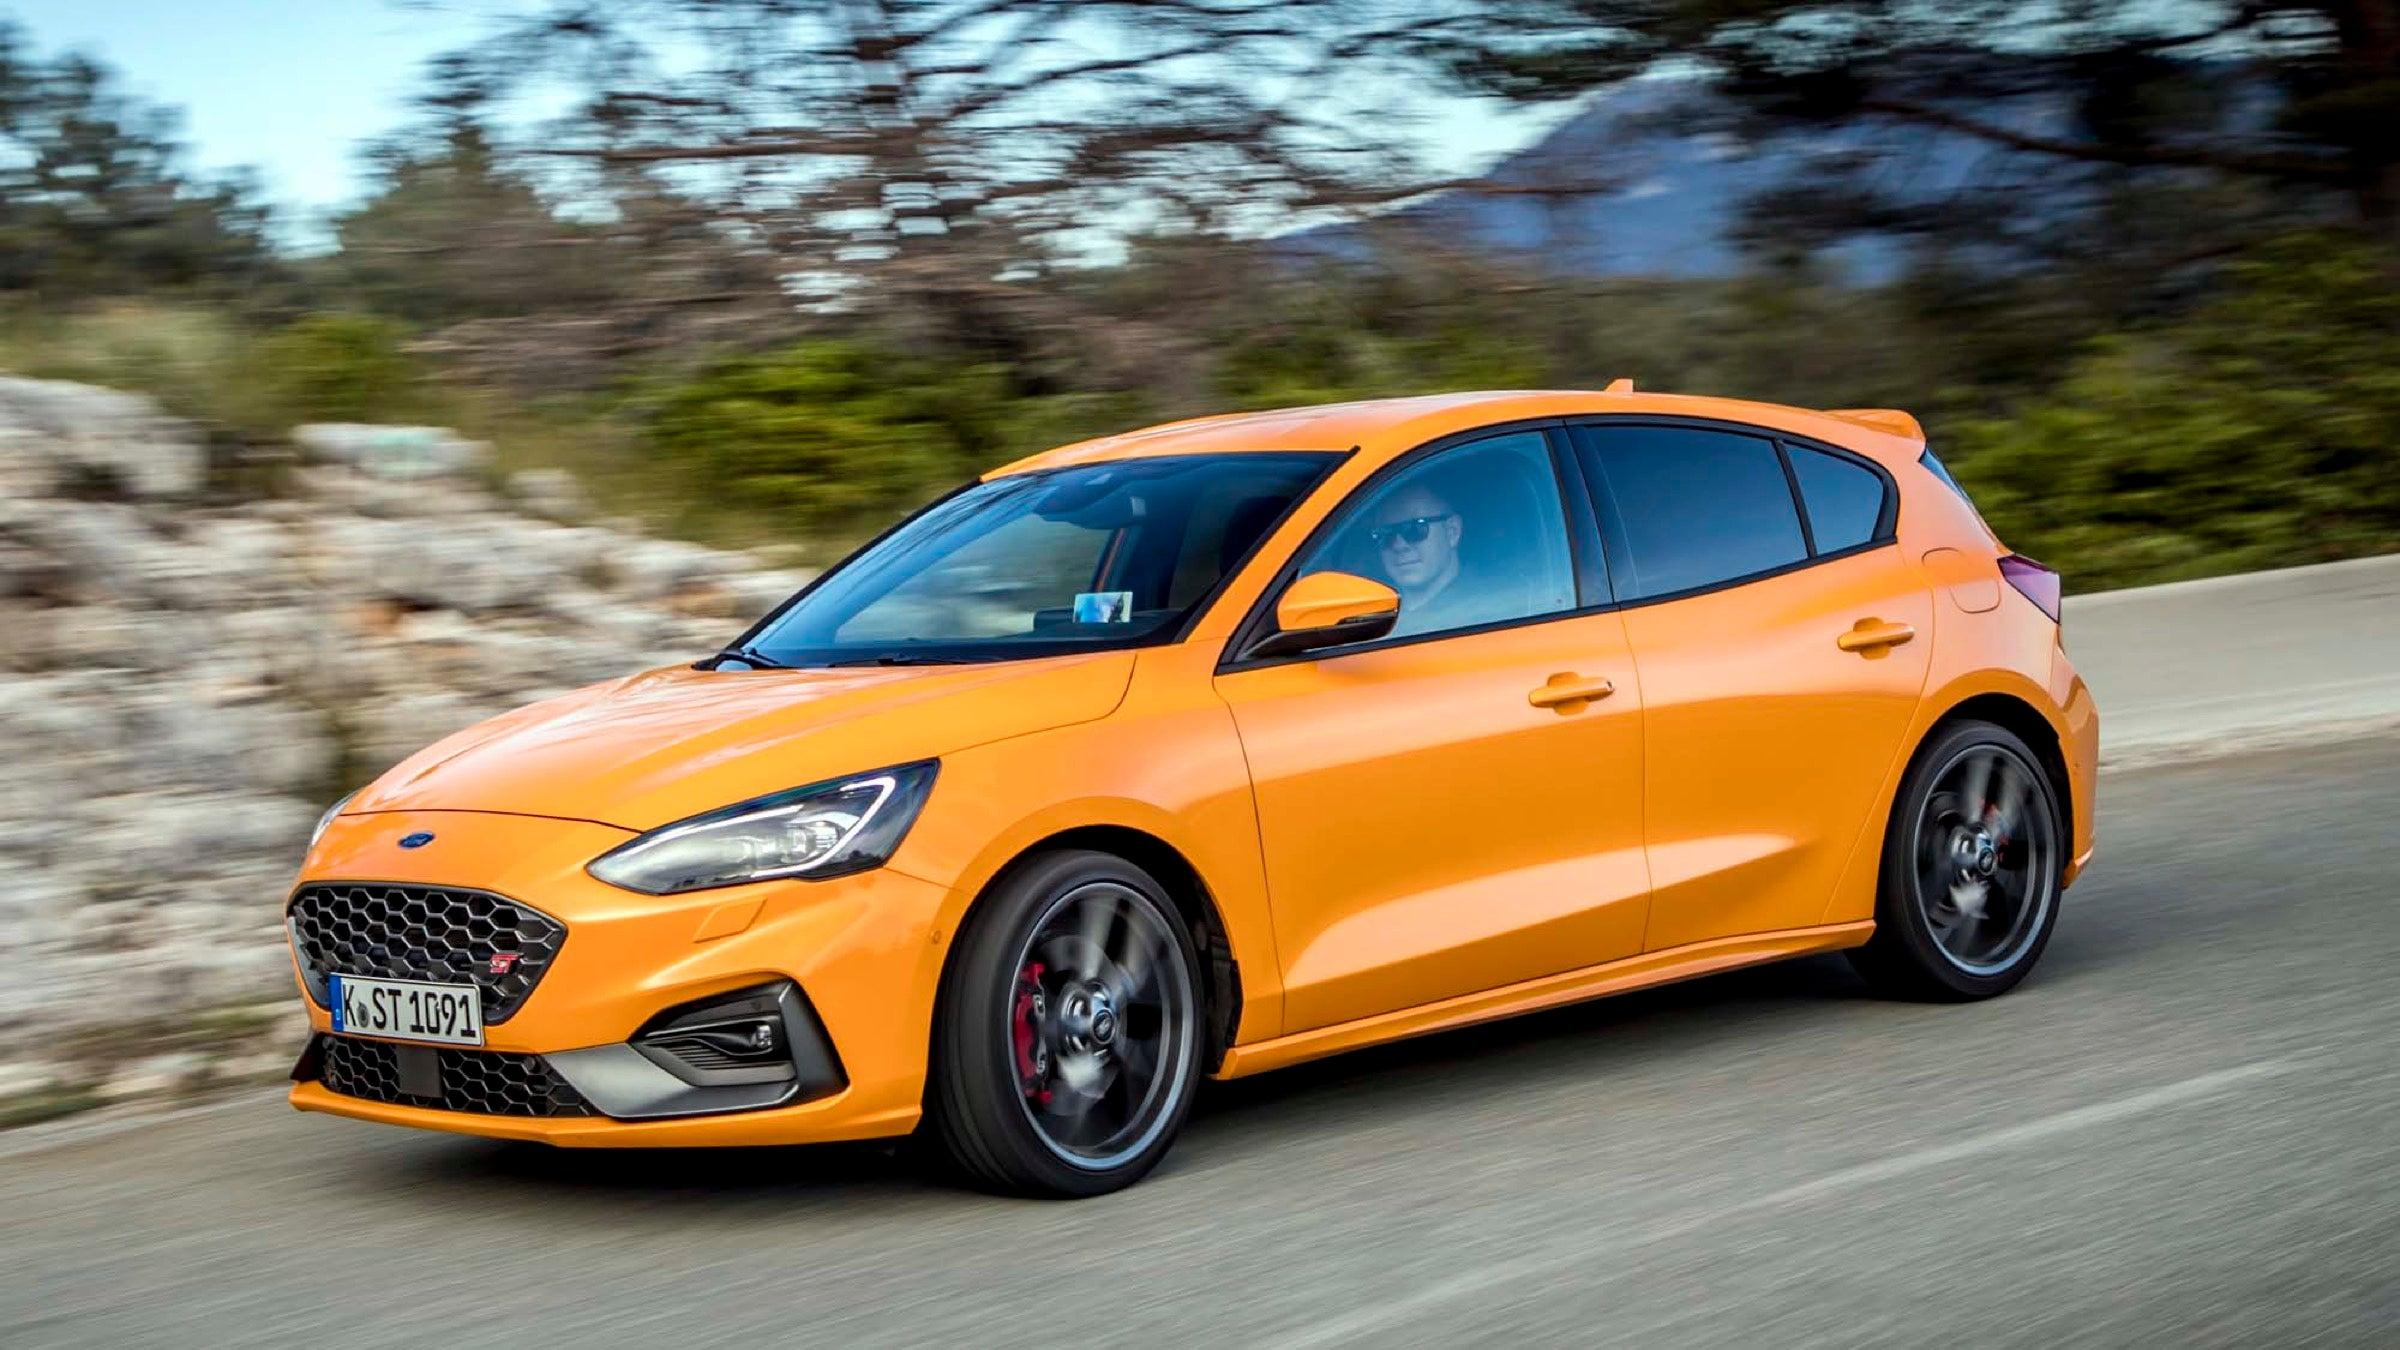 Ford habría desechado el nuevo Focus RS: ¿Por qué?